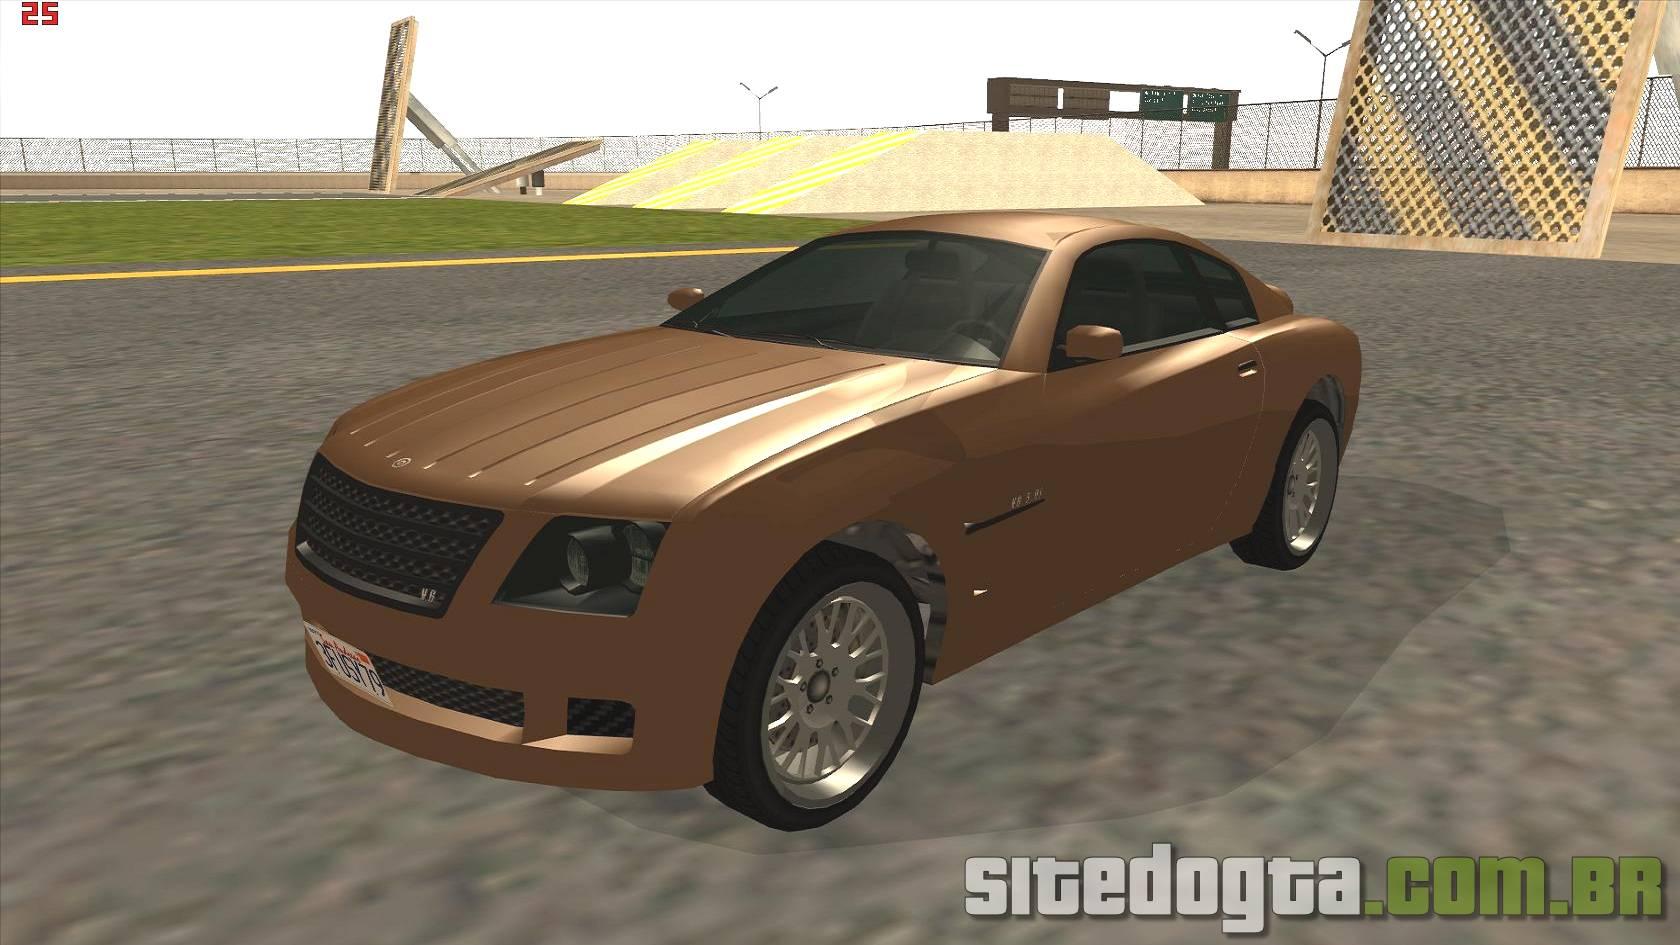 Schyster Fusilade do GTA V para GTA San AndreasGta 5 Schyster Fusilade